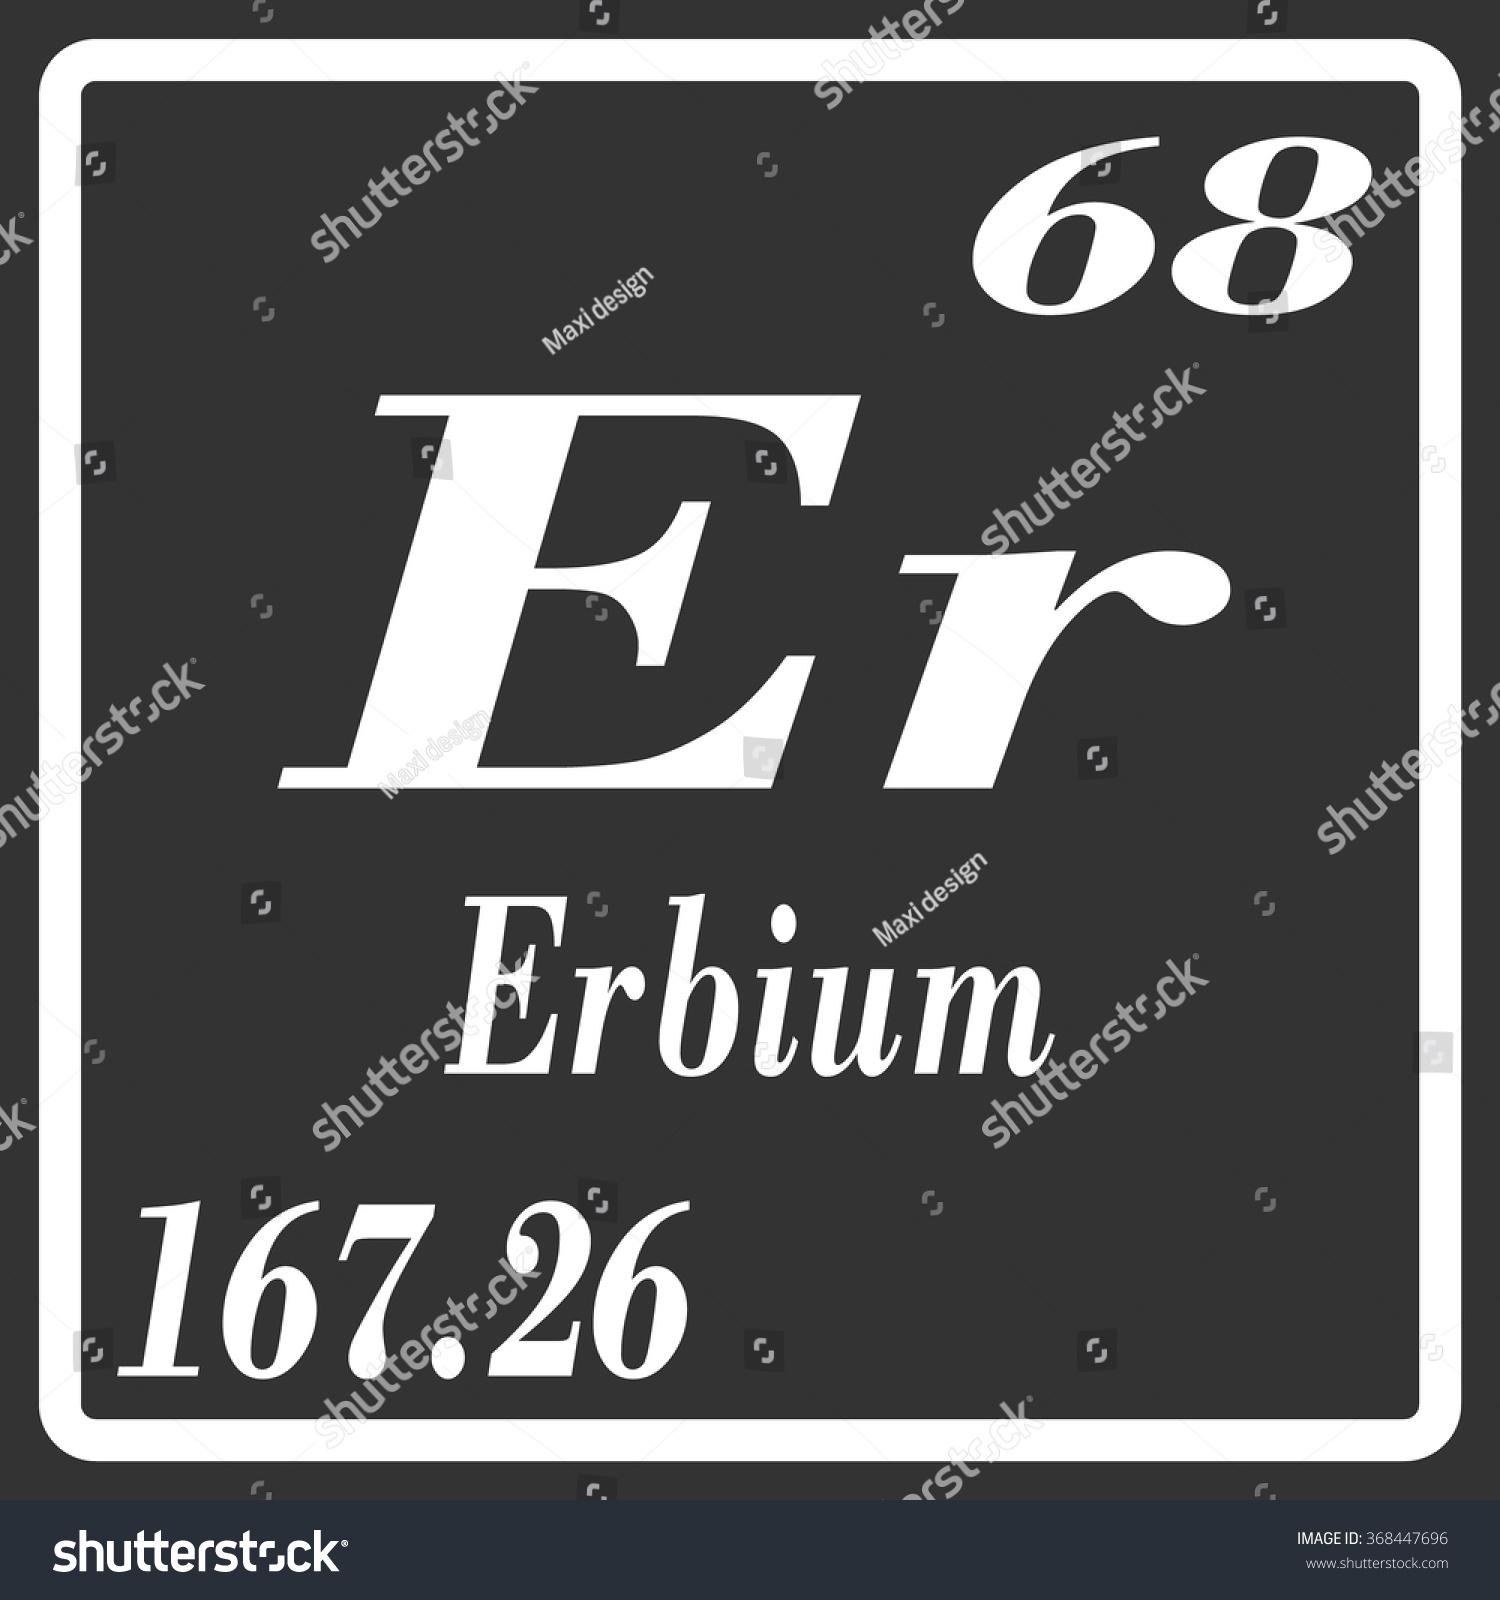 Erbium er element periodic table retail store layout software periodic table elements erbium stock vector 368447696 shutterstock stock vector periodic table of elements erbium 368447696 gamestrikefo Image collections